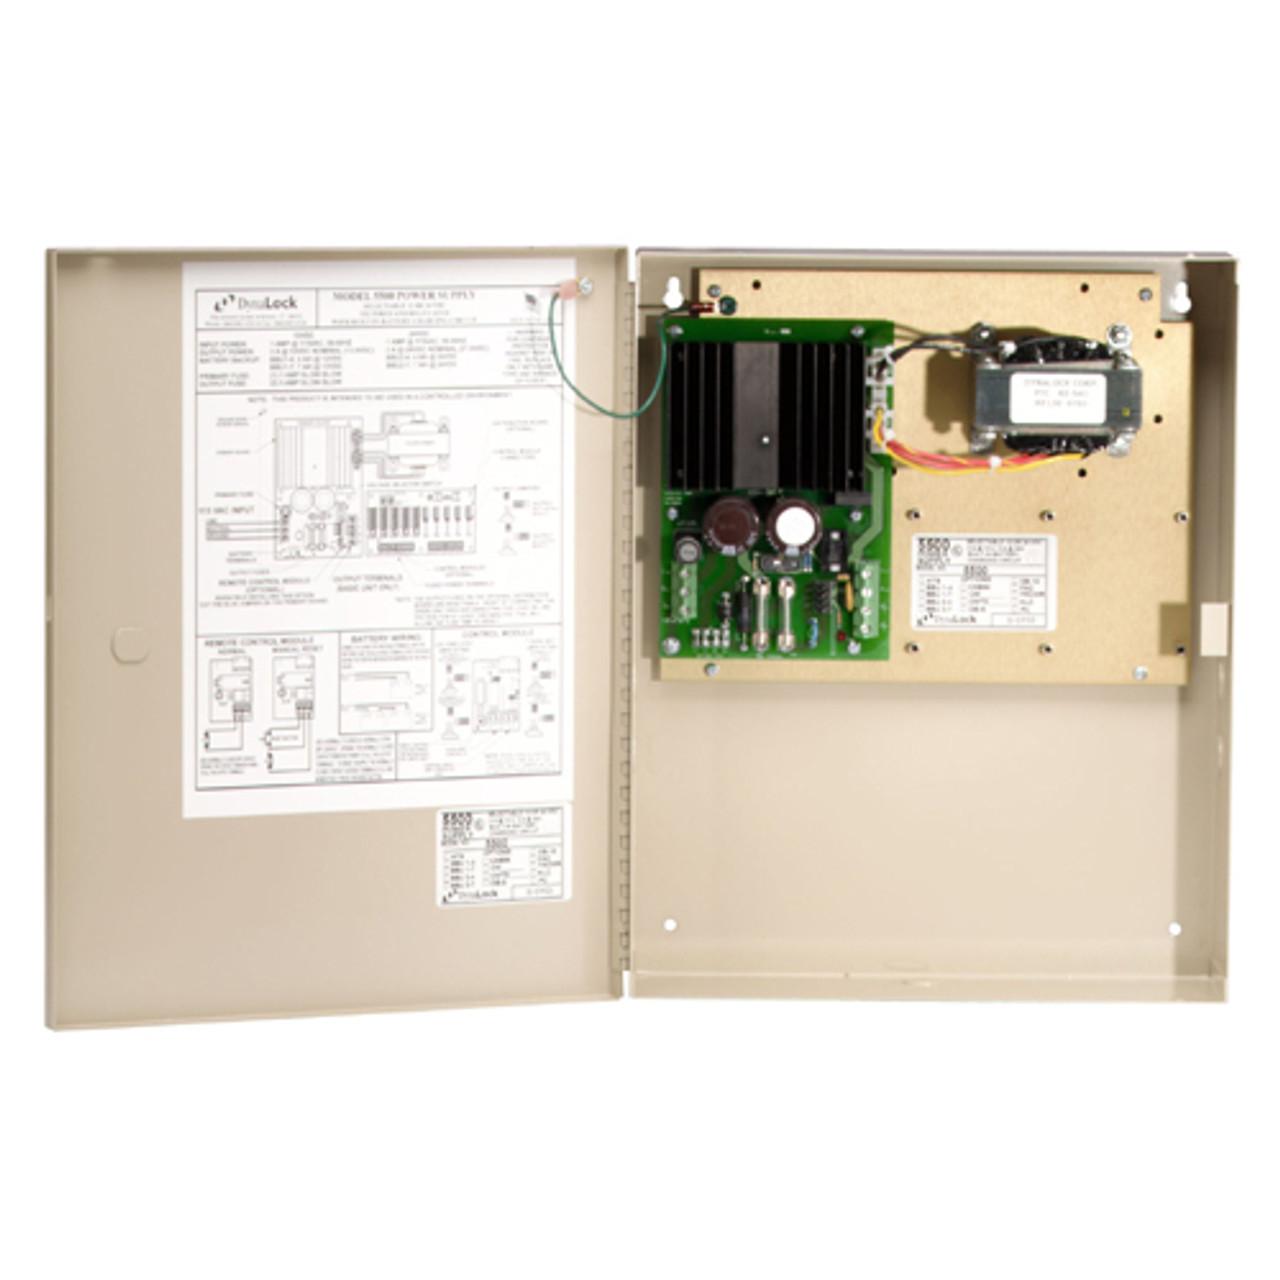 5500-ILB DynaLock Multi Zone Medium Duty Power Supply with Interlock Logic Board